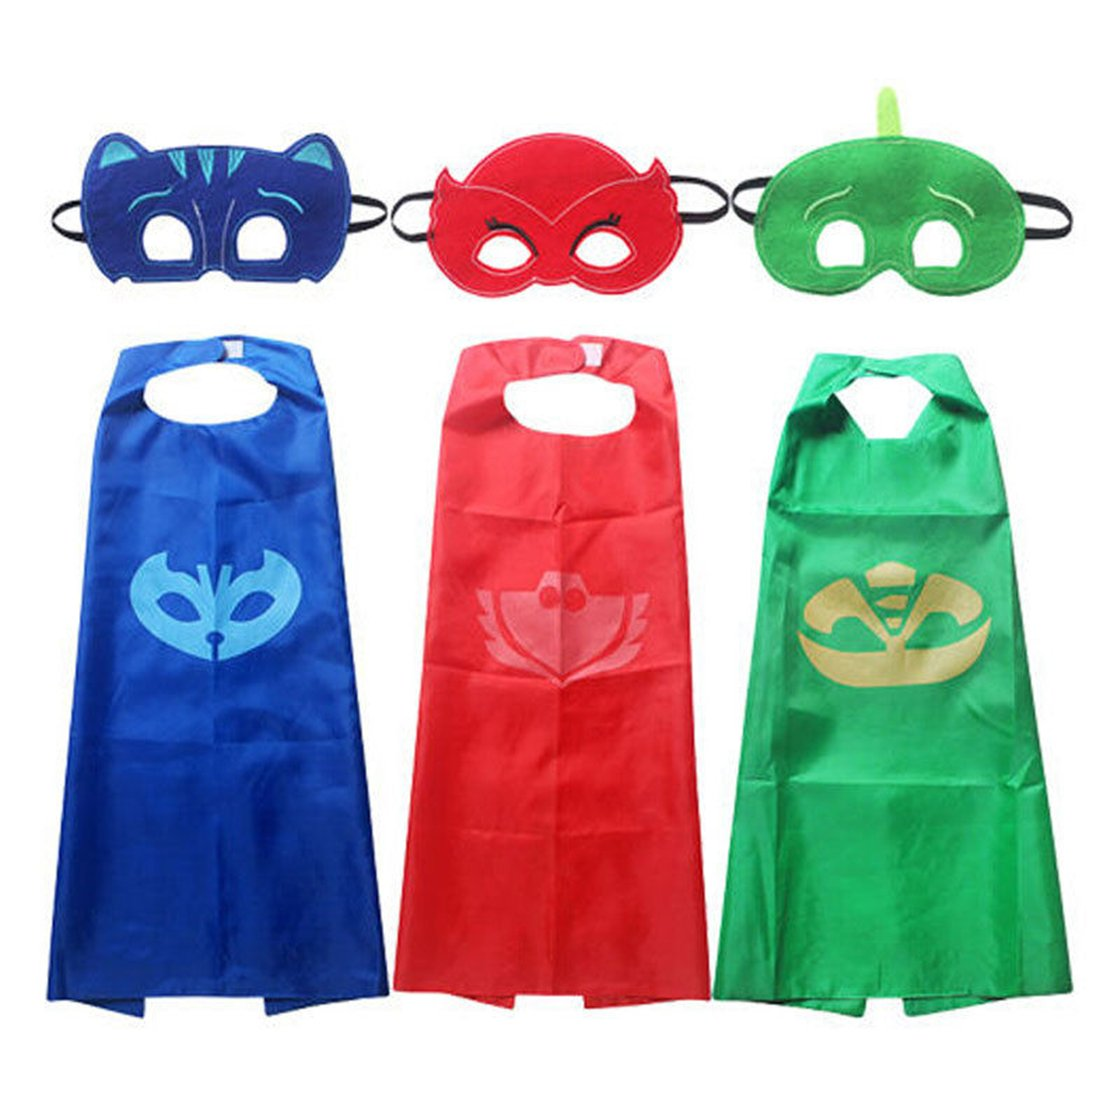 stayeal 1 Set Cape + máscara Owlette Catboy Cosplay Niños de disfraces disfraz Regalos, Rojo, As description: Amazon.es: Hogar